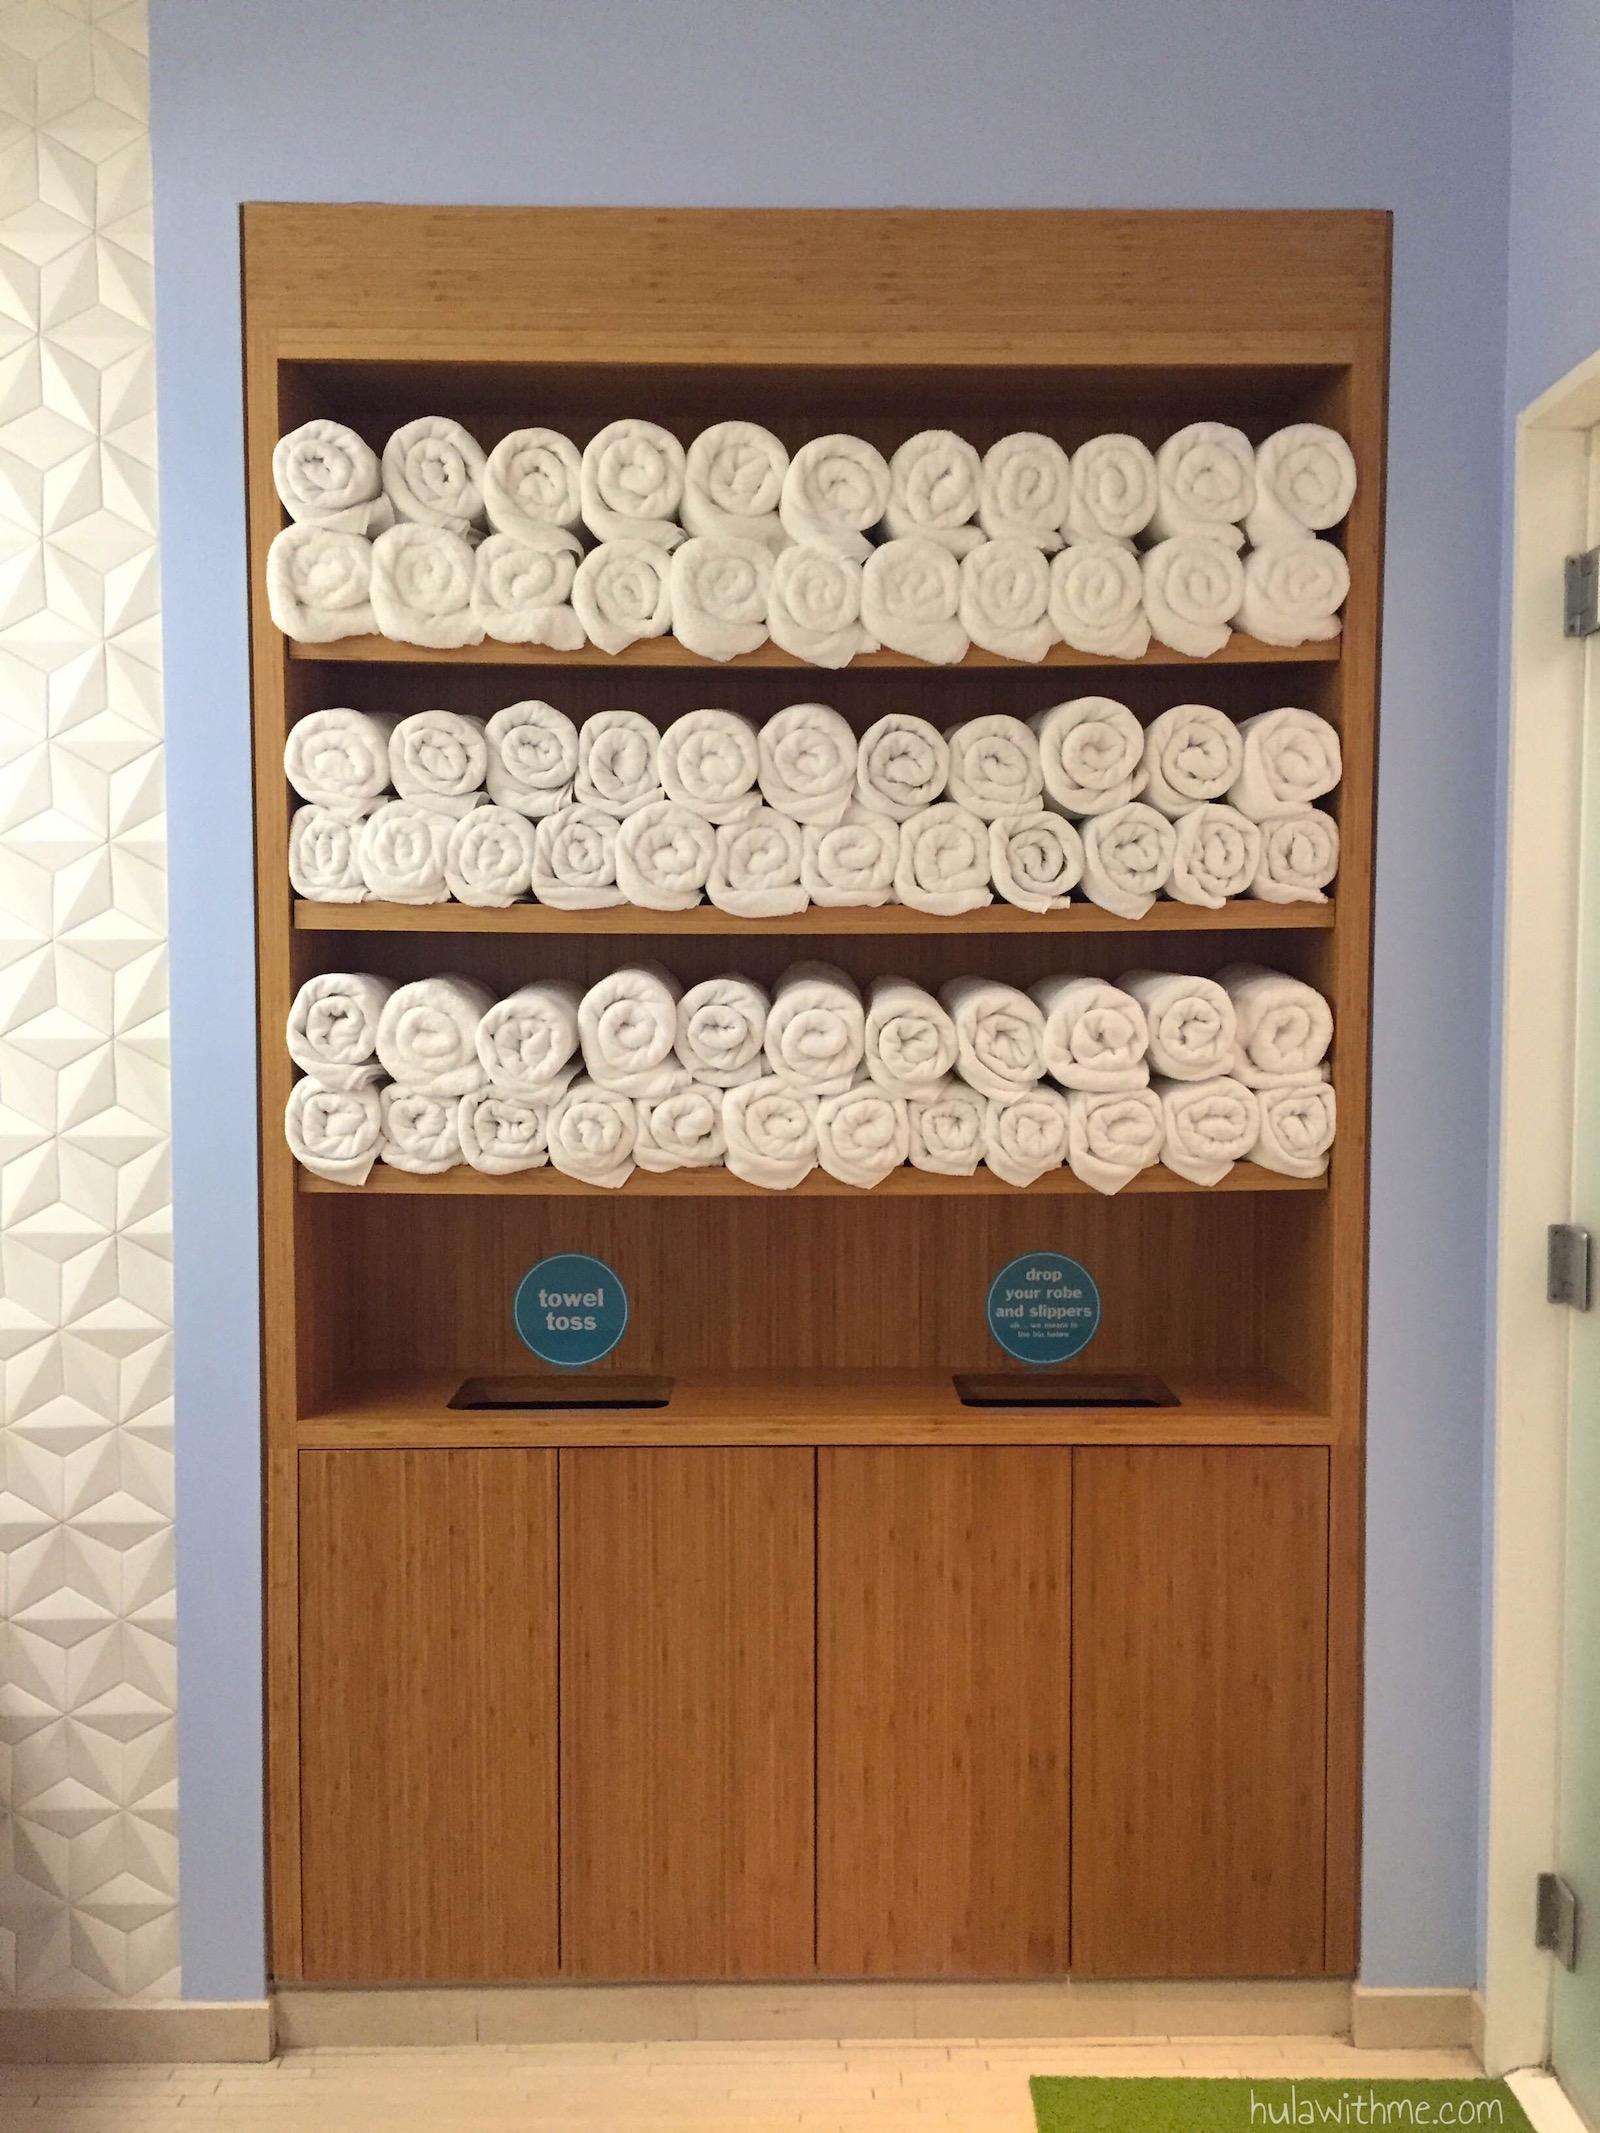 Bliss Spa in Boston, MA: Inside the ladies' locker room.